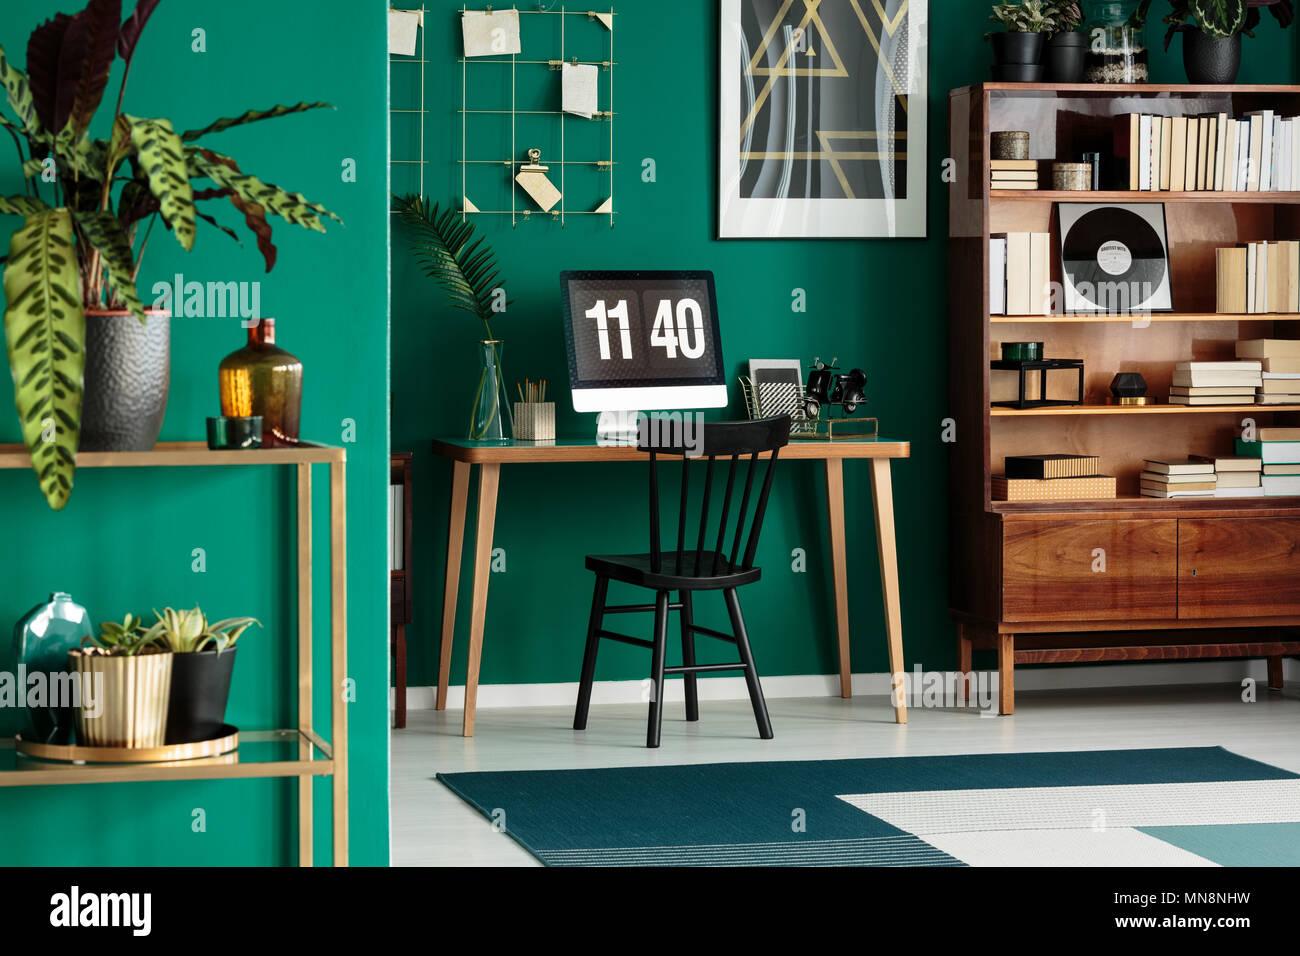 Sedia nera alla scrivania con computer desktop in verde home office interni con arredi in legno Immagini Stock